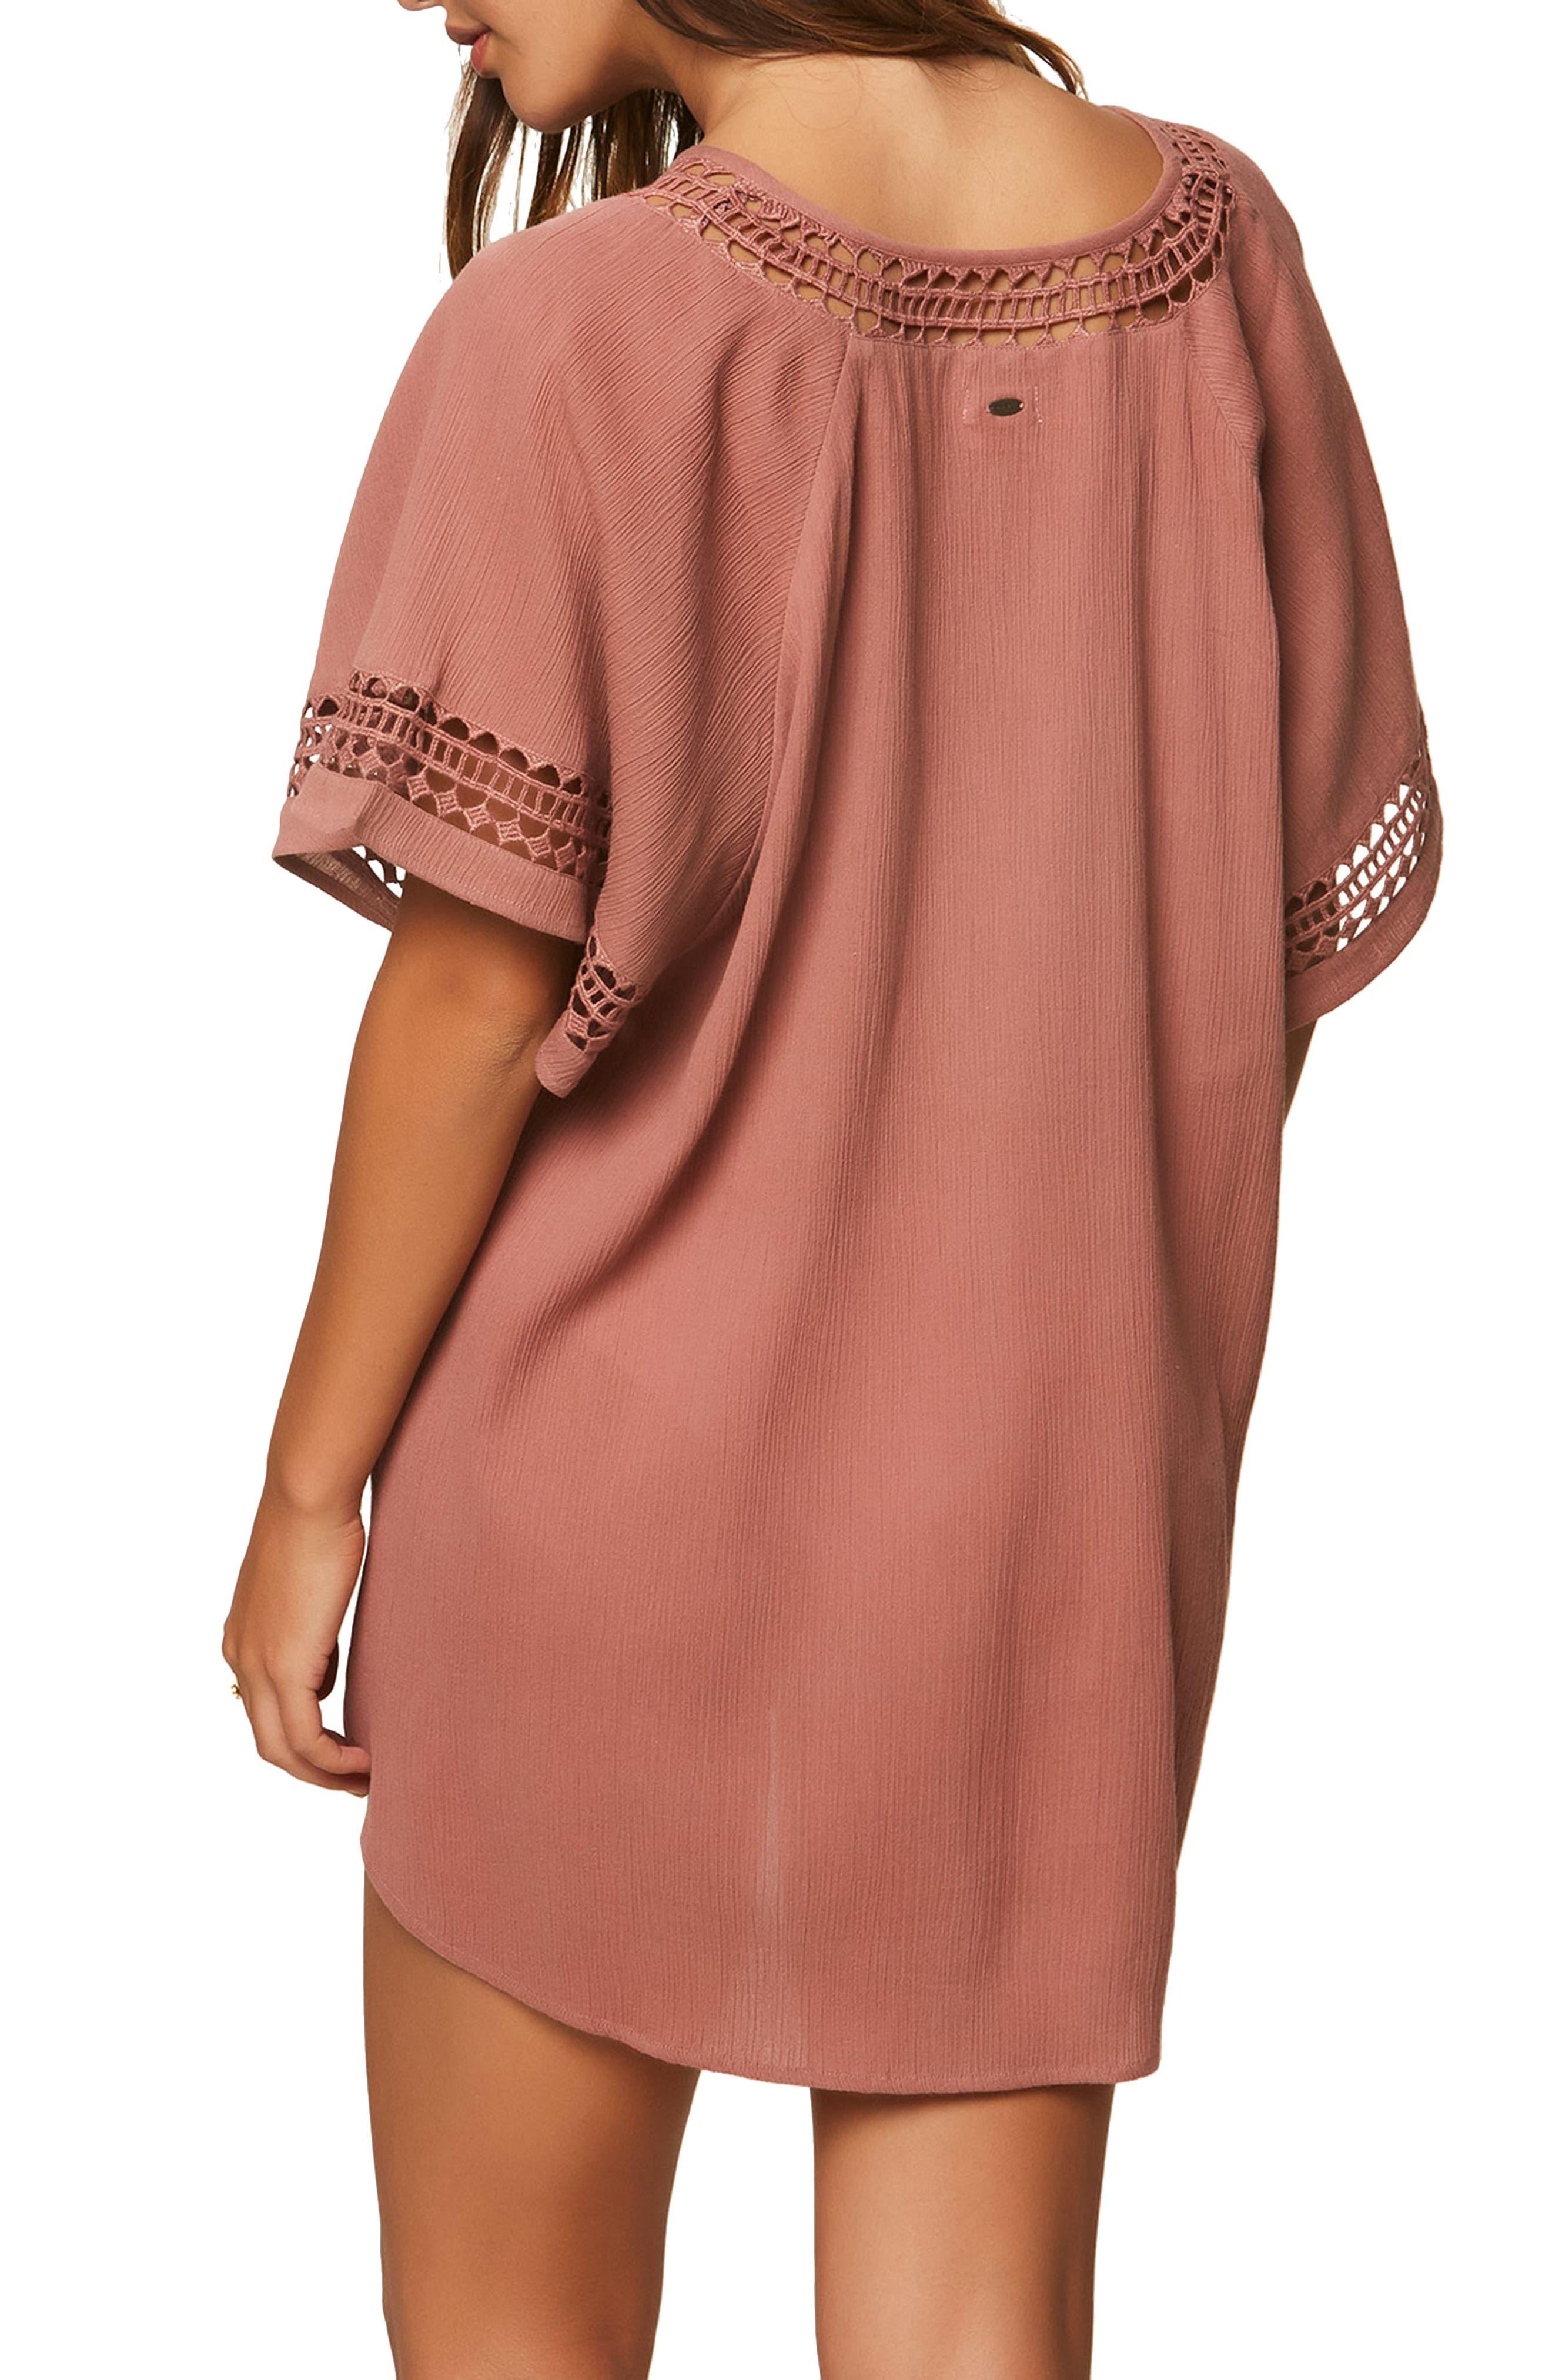 Celeste Cover-Up Dress,                             Alternate thumbnail 2, color,                             Carmel